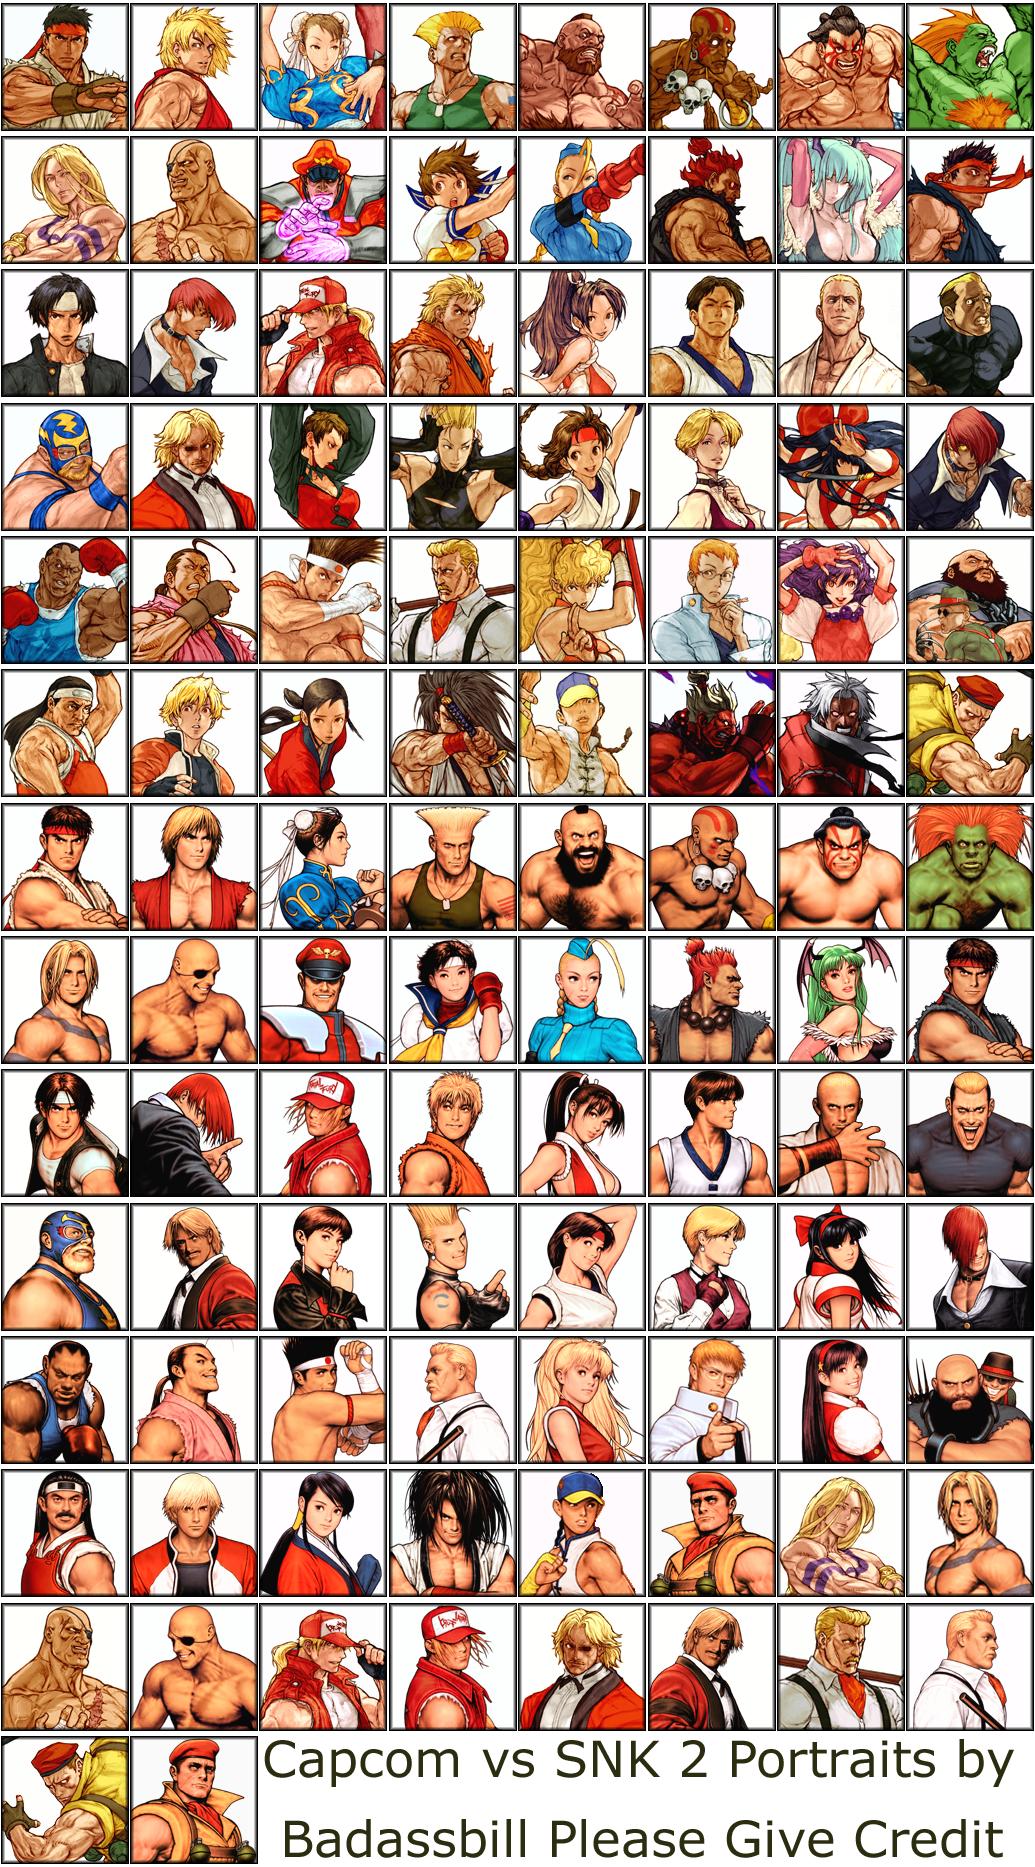 Capcom Vs Snk 2 Art For Top Characters By Capcom Designer Kinu